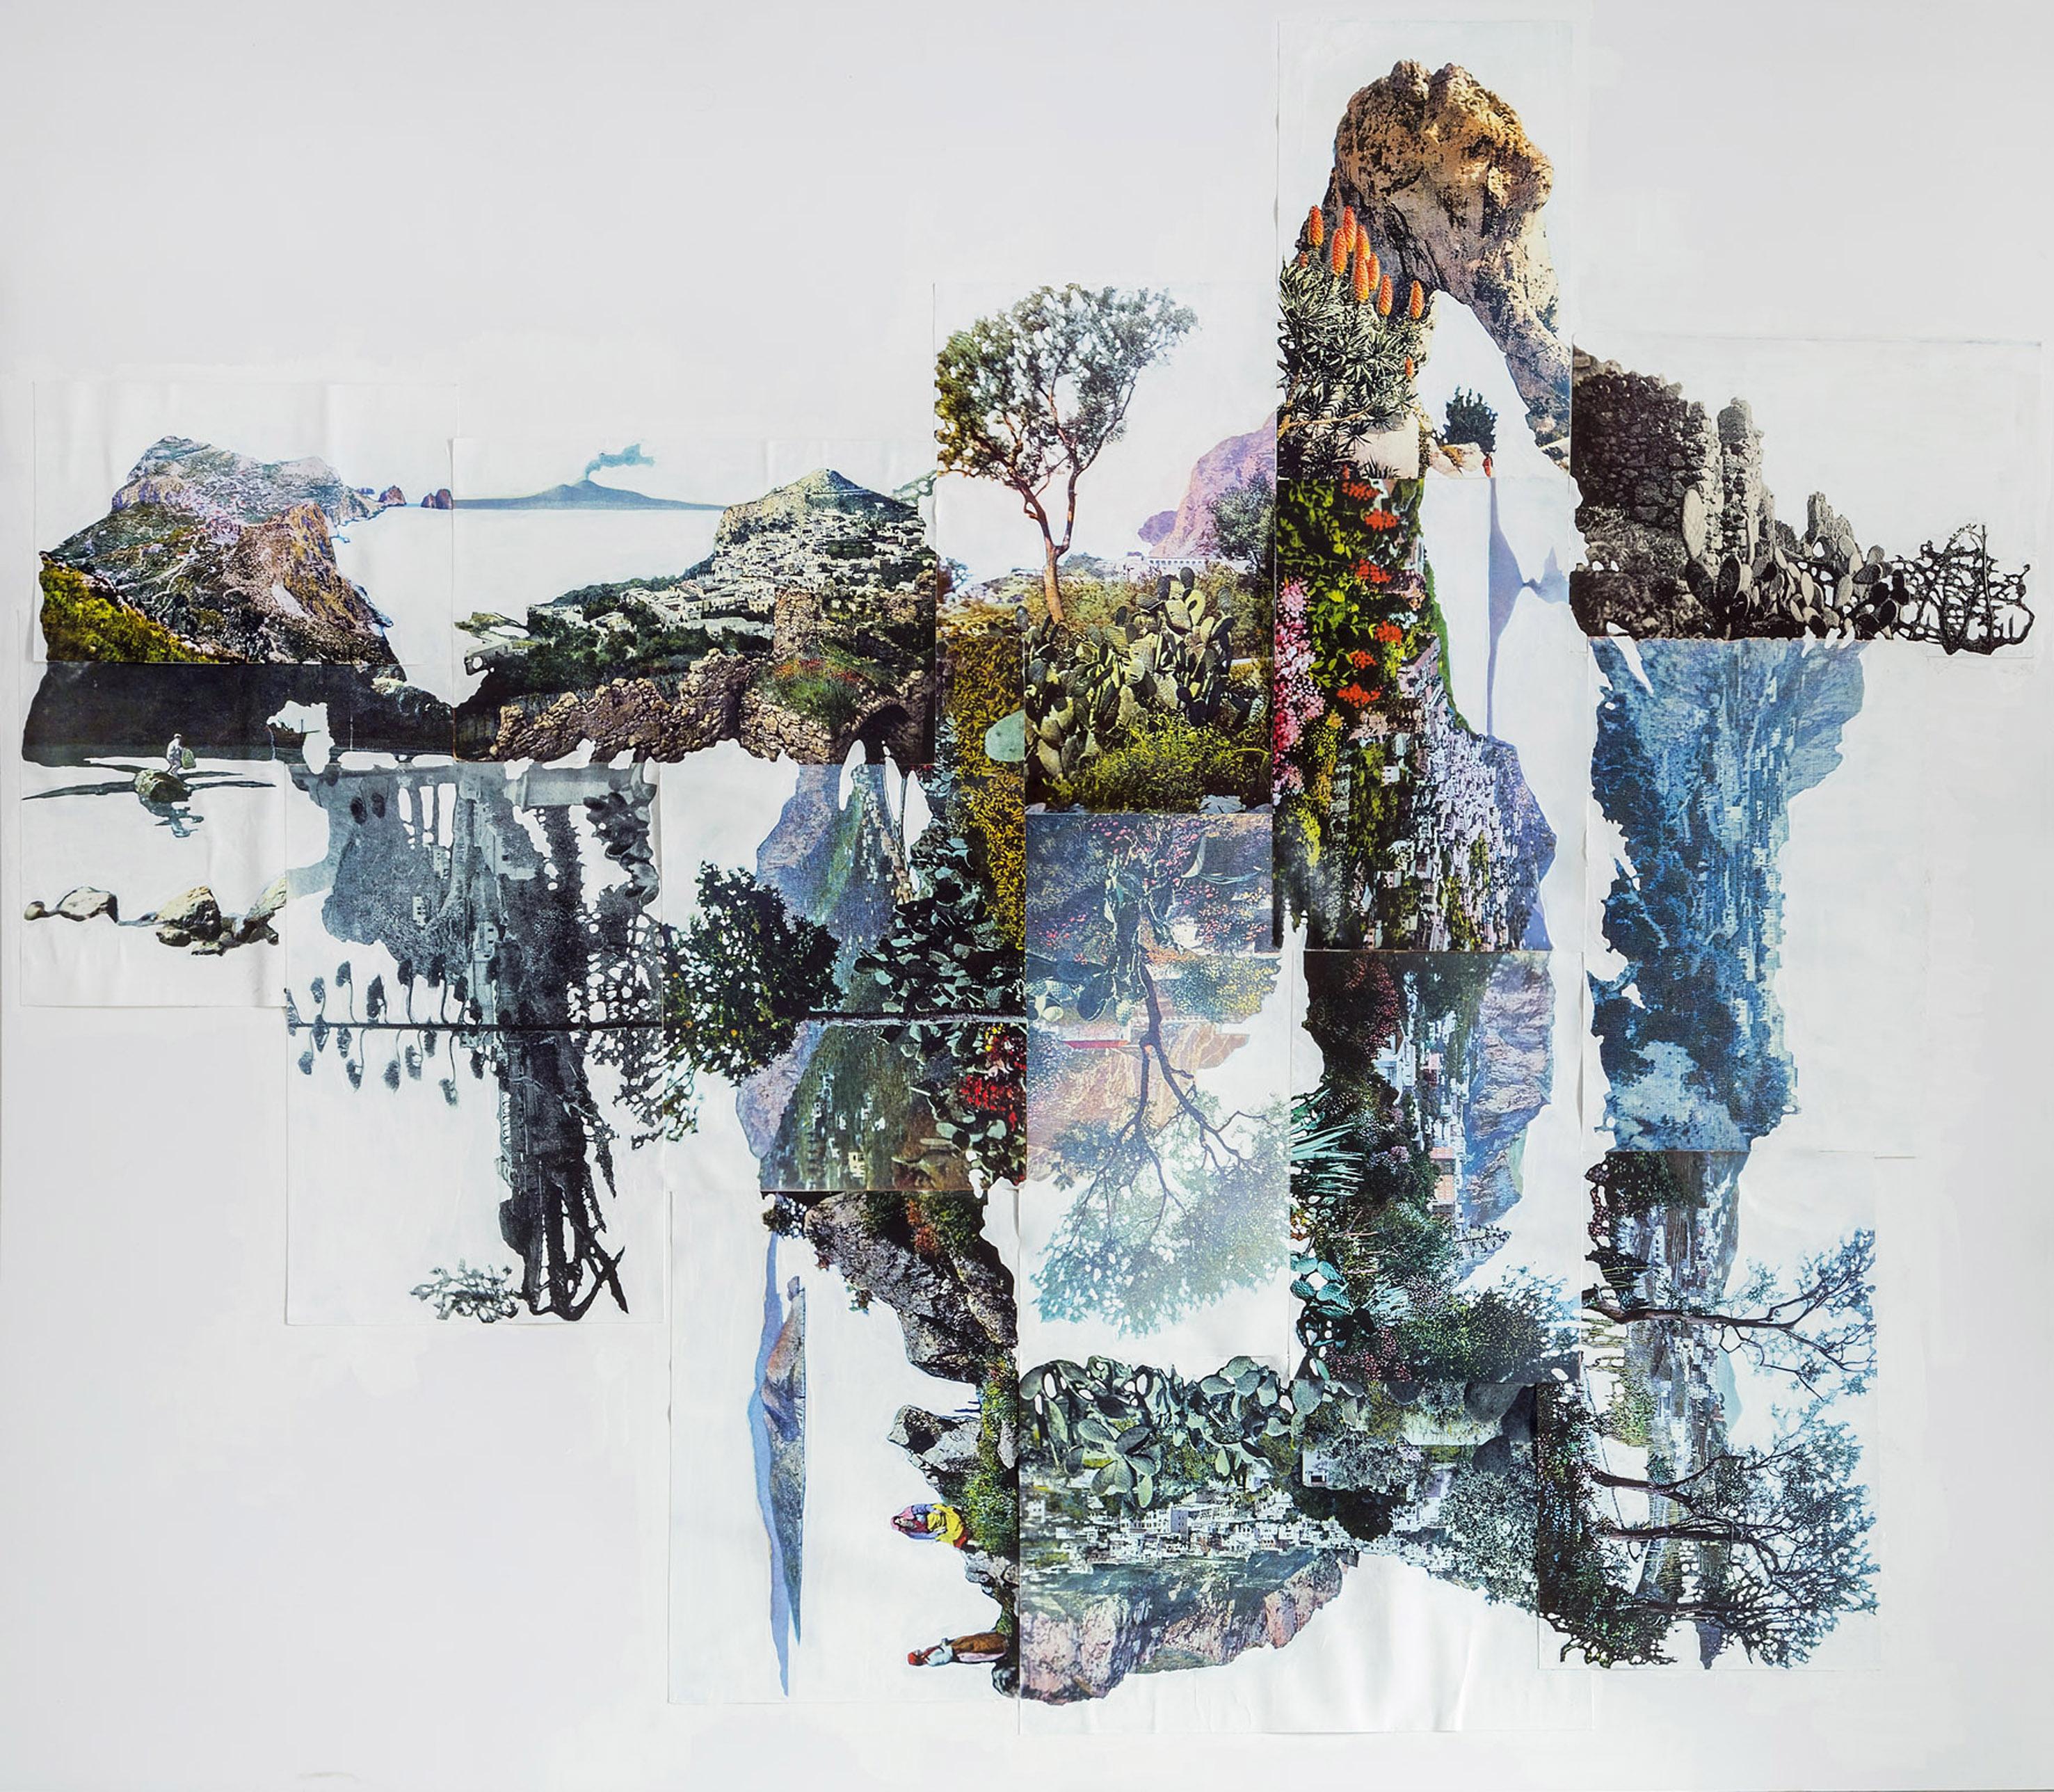 Eugenio Tibaldi, Myth's Landscape 01, 2016, Collage di stampe digitali tratte da cartoline e acrilico bianco, cm 136 x 156